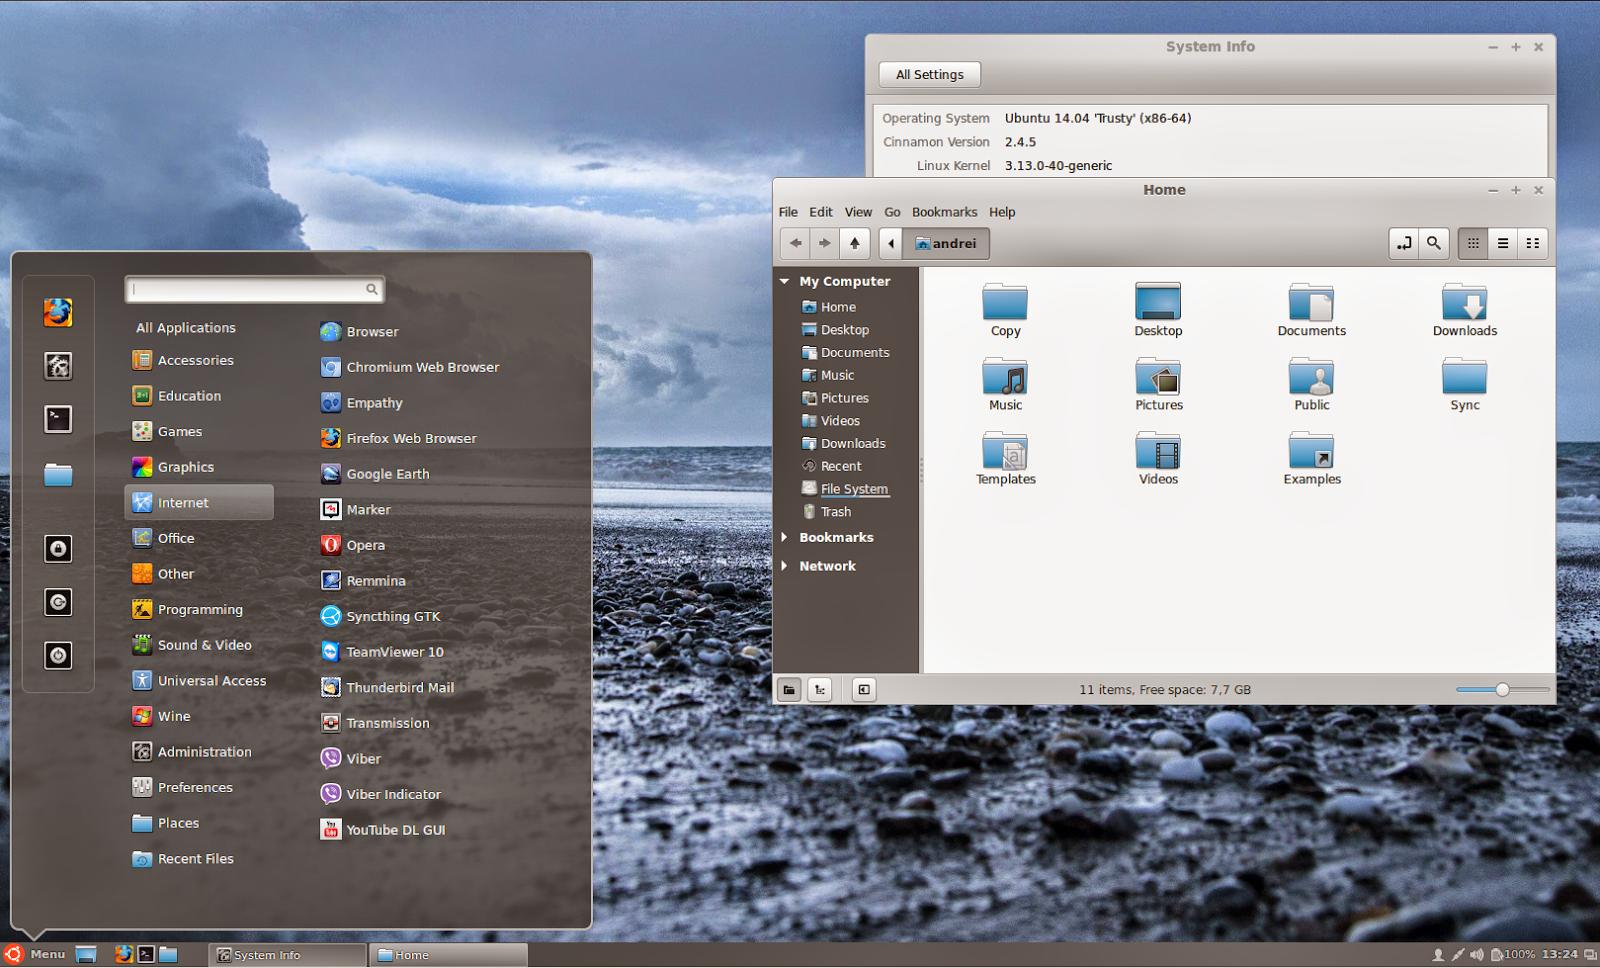 Cinnamon 2.4 on Ubuntu